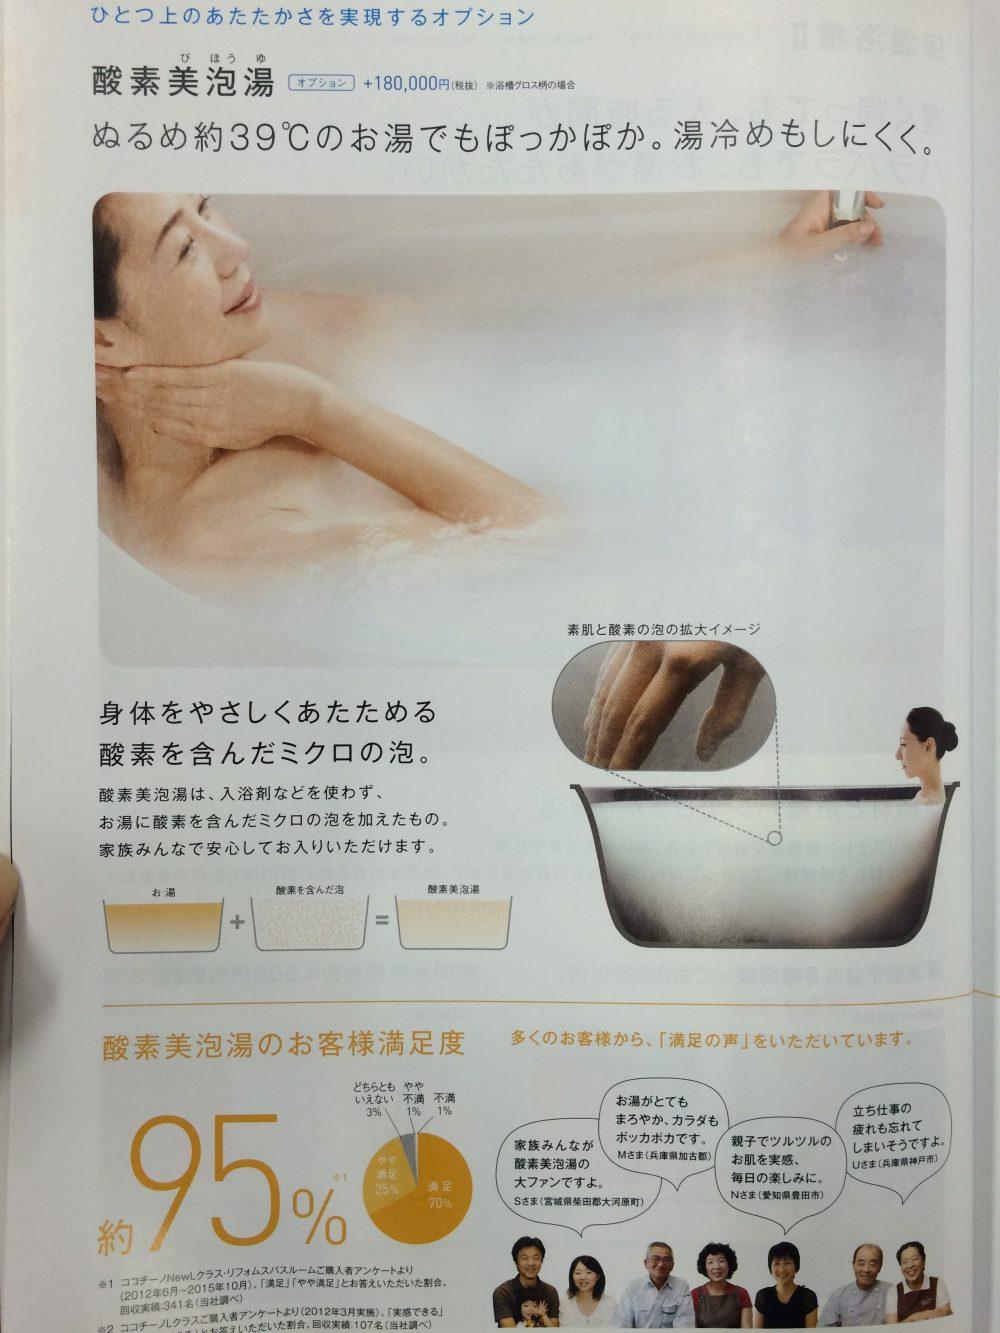 パナソニックの浴室新・オプション、スゴぽかフロア・酸素美泡湯とは – ミヤケンリフォーム